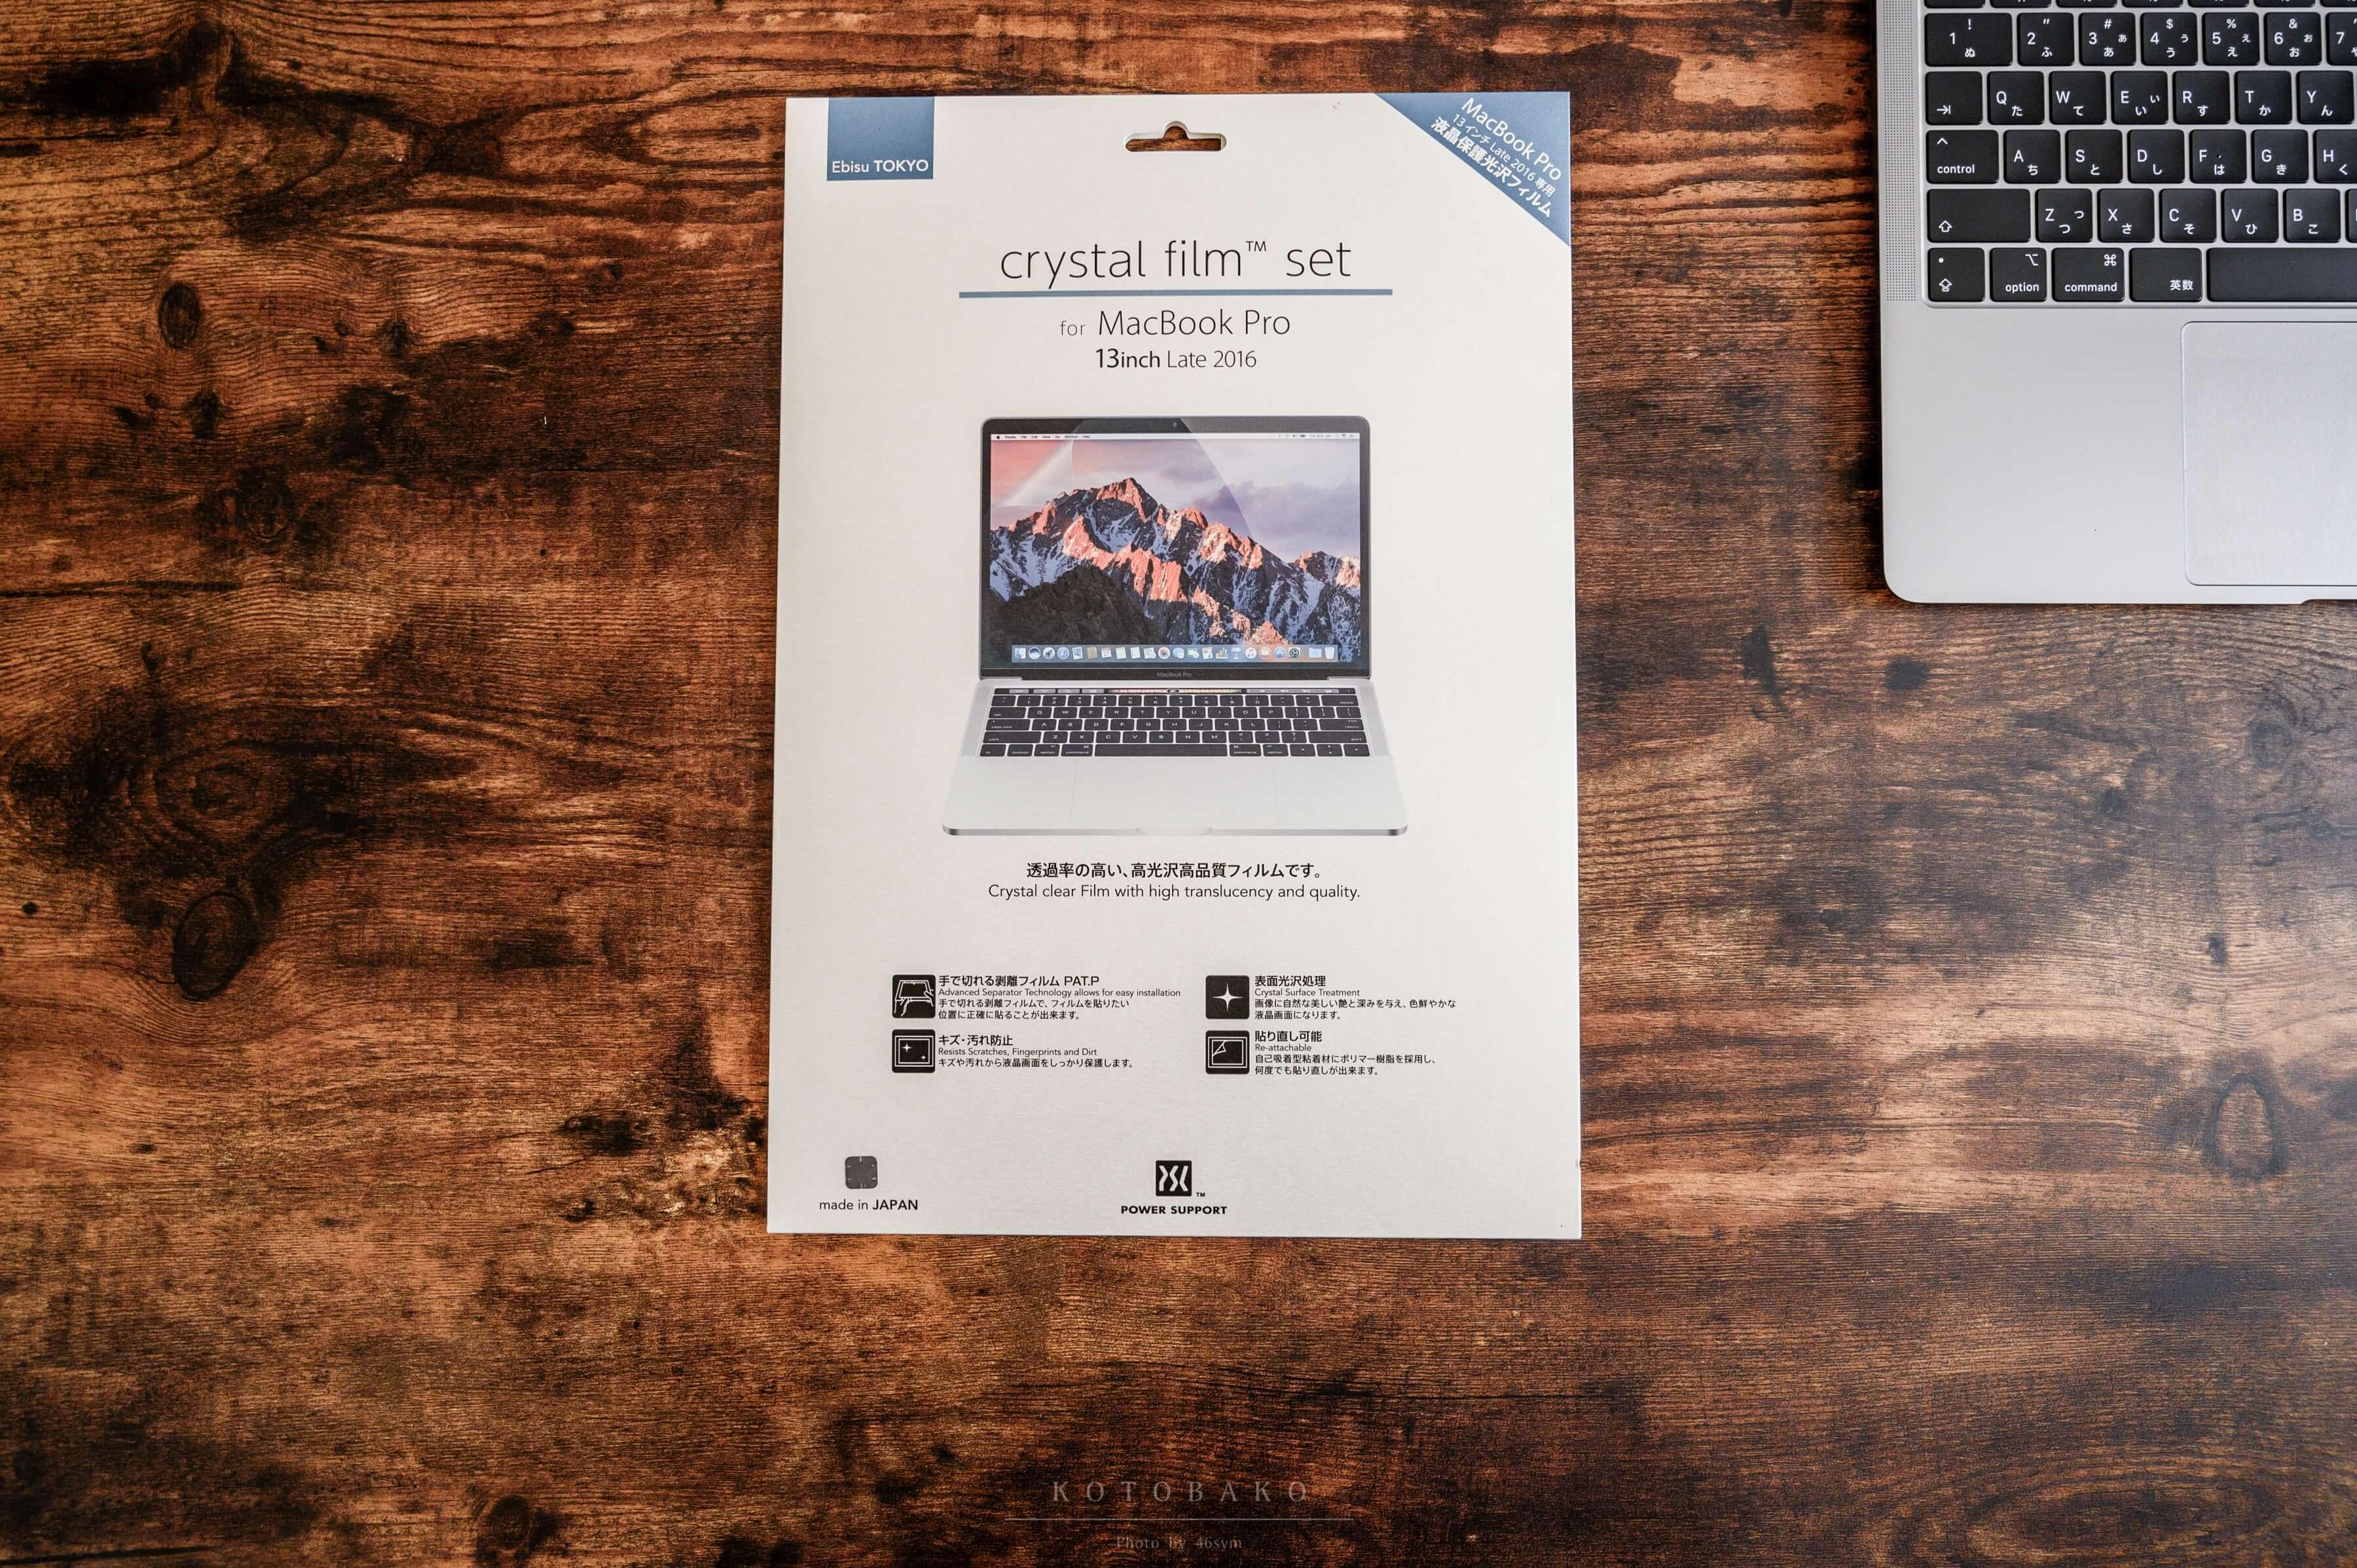 新型MacBook Air (2018 Retina)の液晶保護フィルムにパワーサポートのクリスタルフィルムを選択